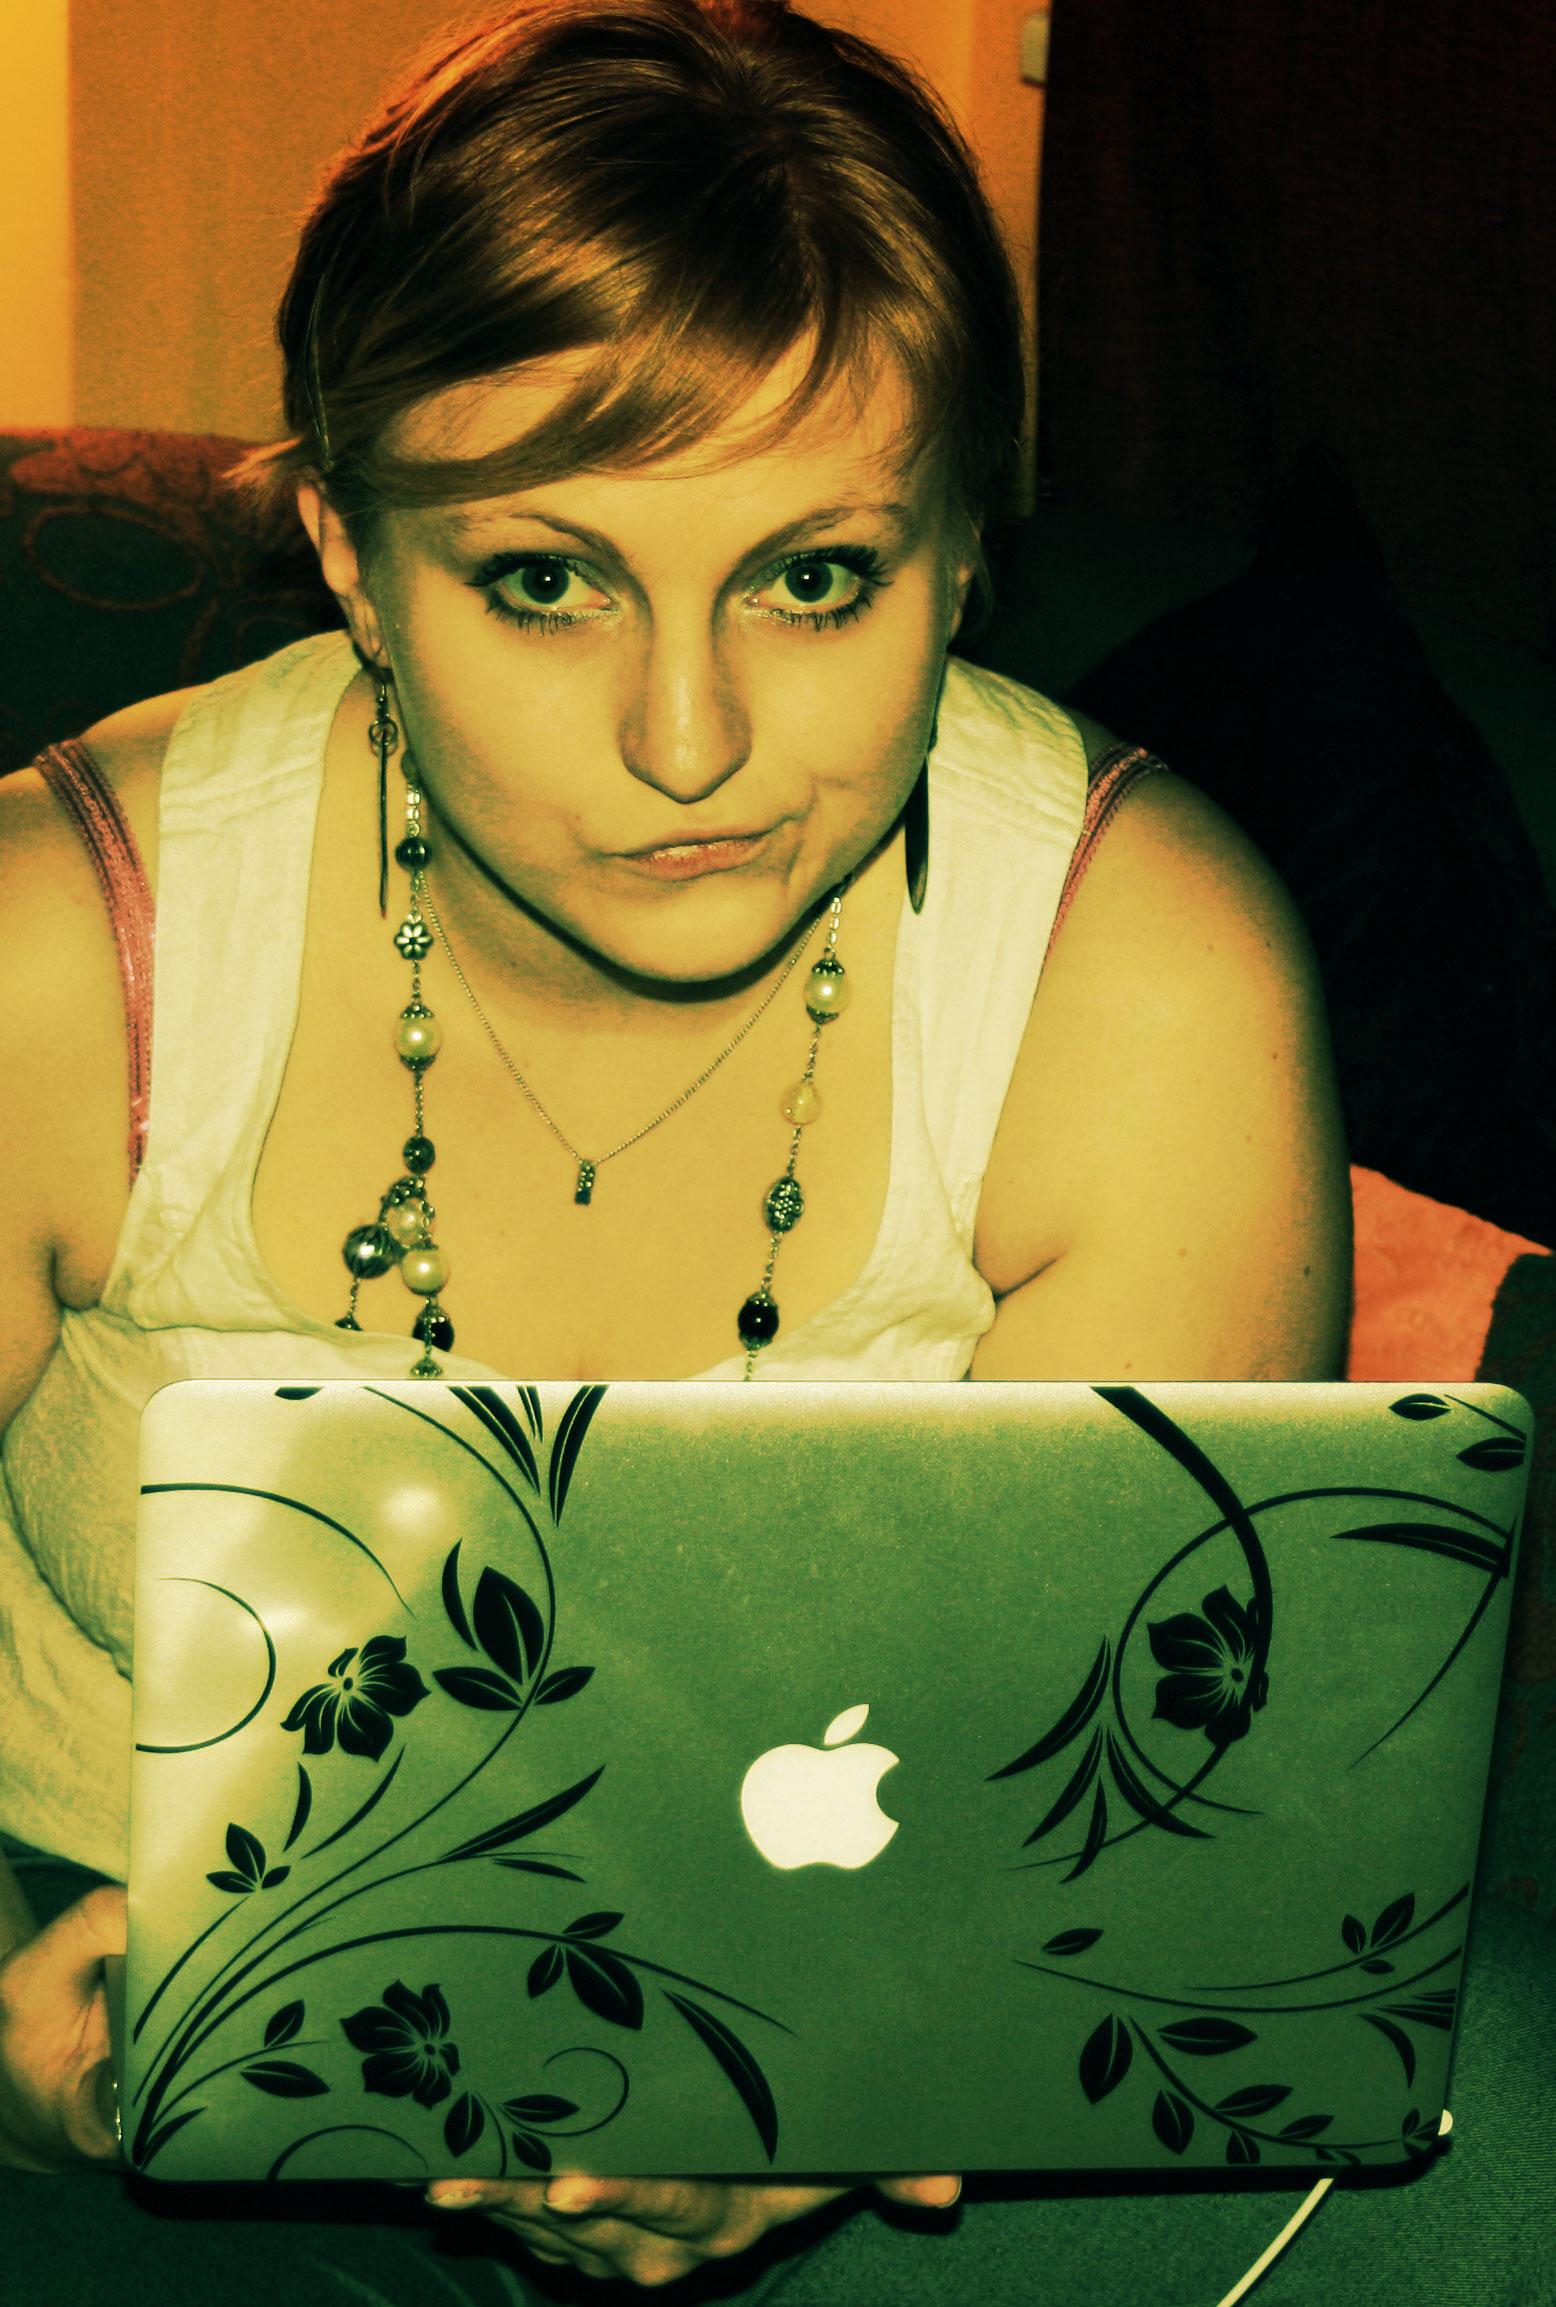 17ec479d632 Ta on küll ilus, aga võimsust eriti pole. Samas, kas netbookidel peakski  olema? See sobis hästi kaasasvedamiseks ...